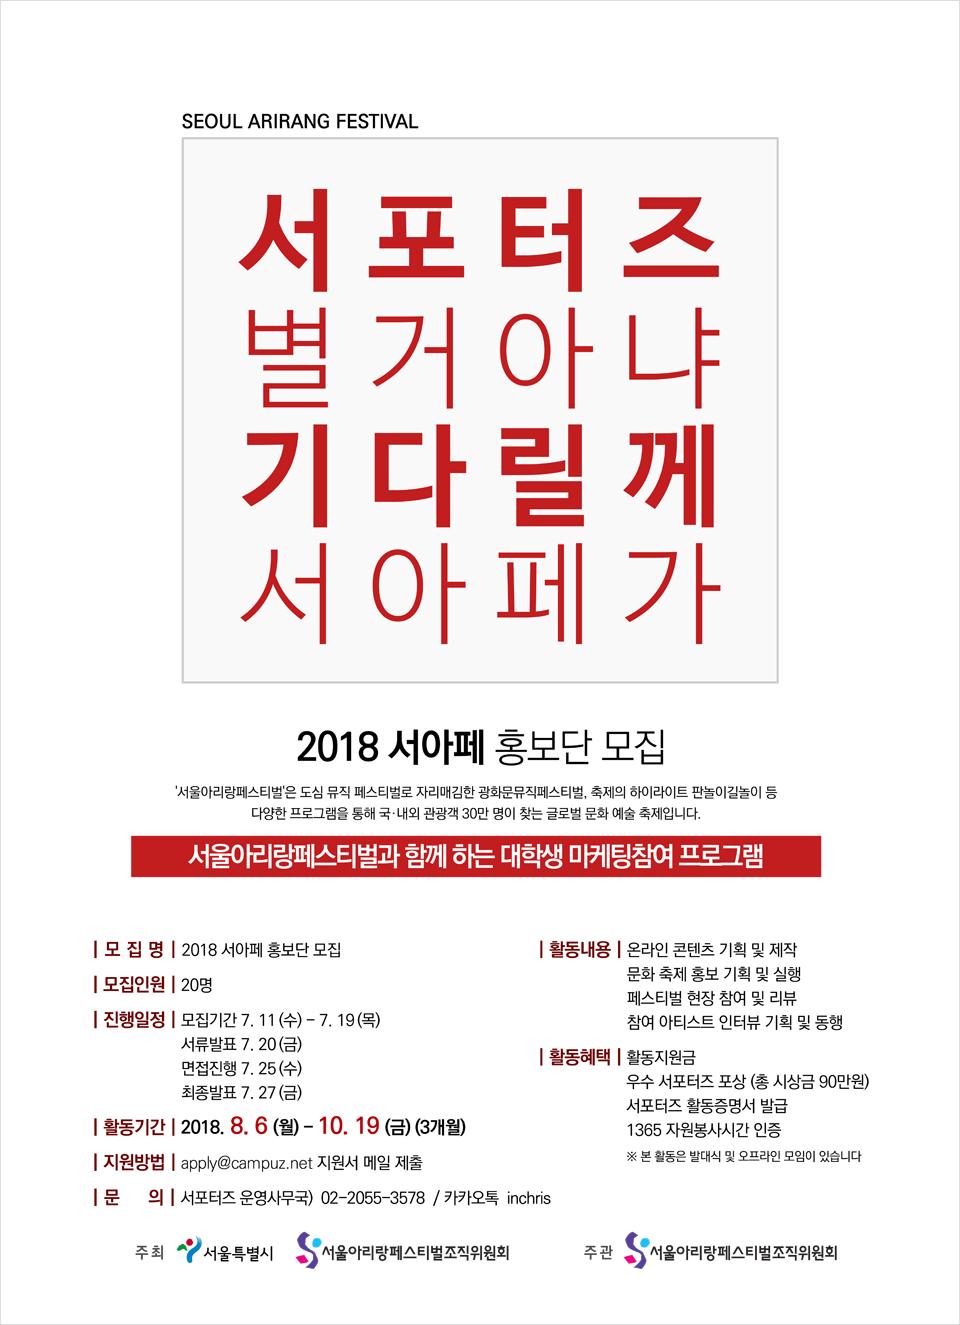 2018서울아리랑페스티벌 대학생 서포터즈 서아페 홍보단 모집